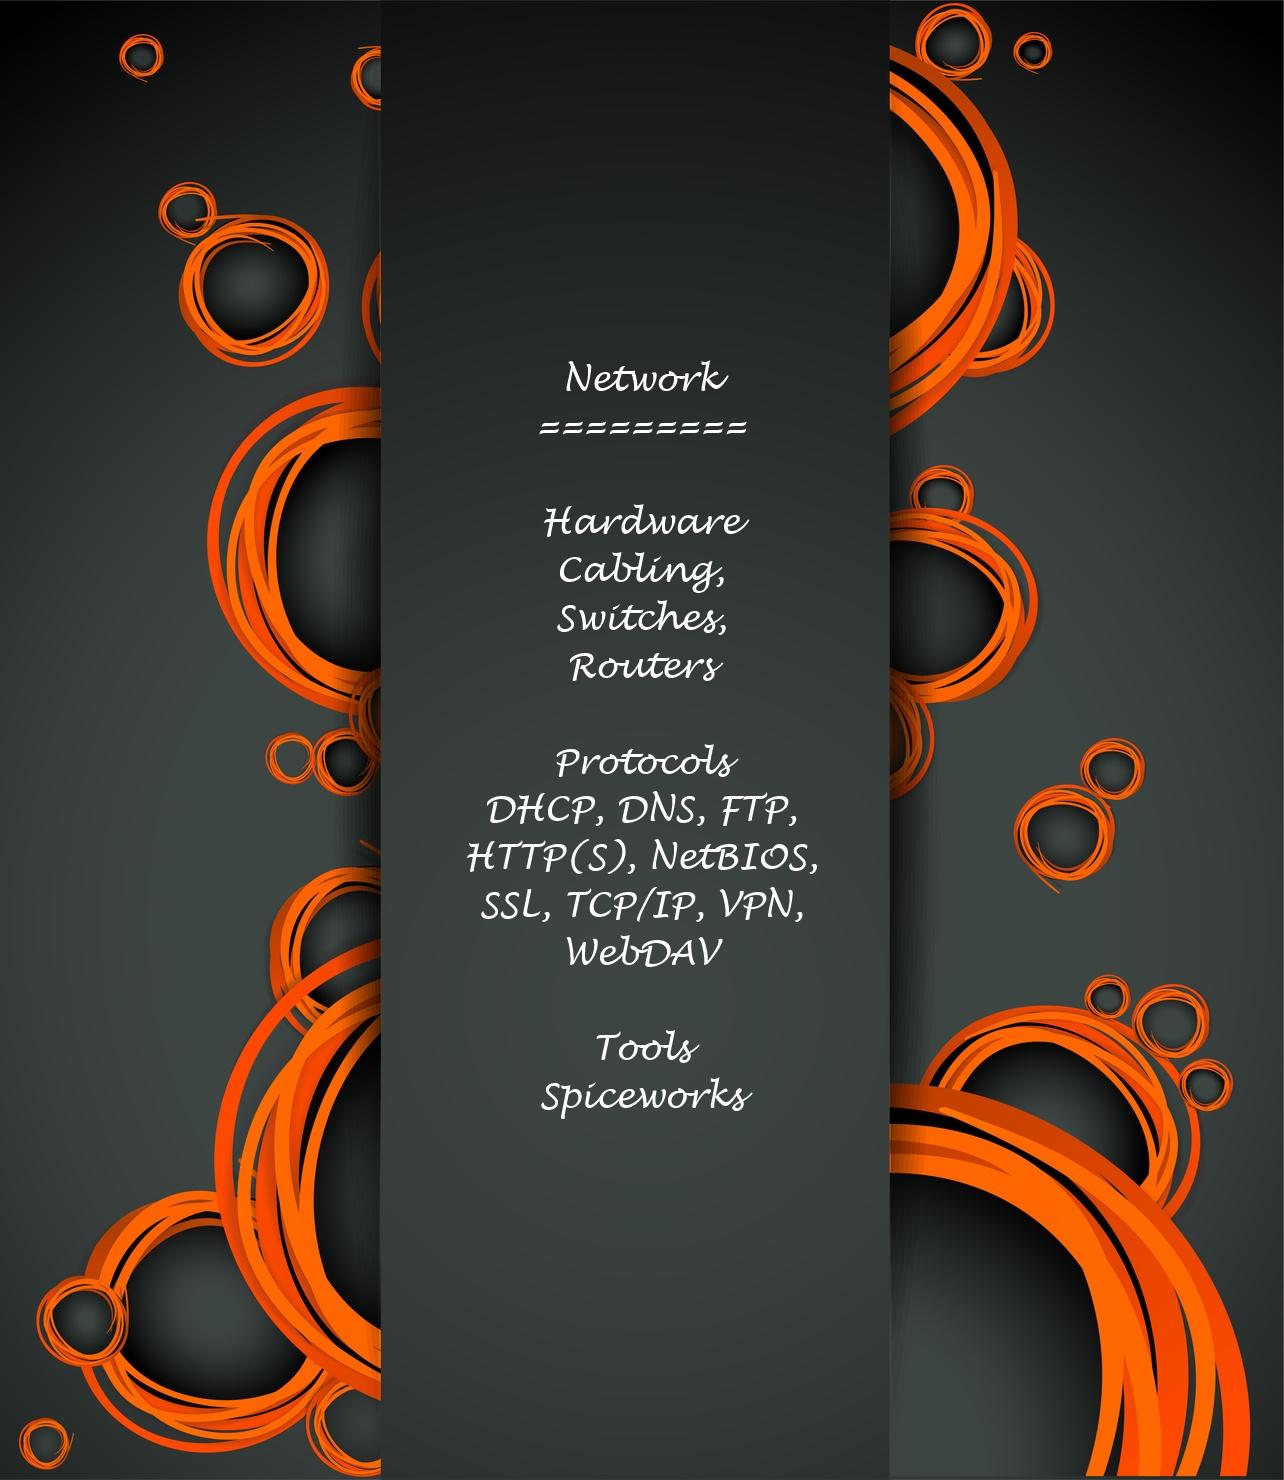 5_connoisseur_network.jpg